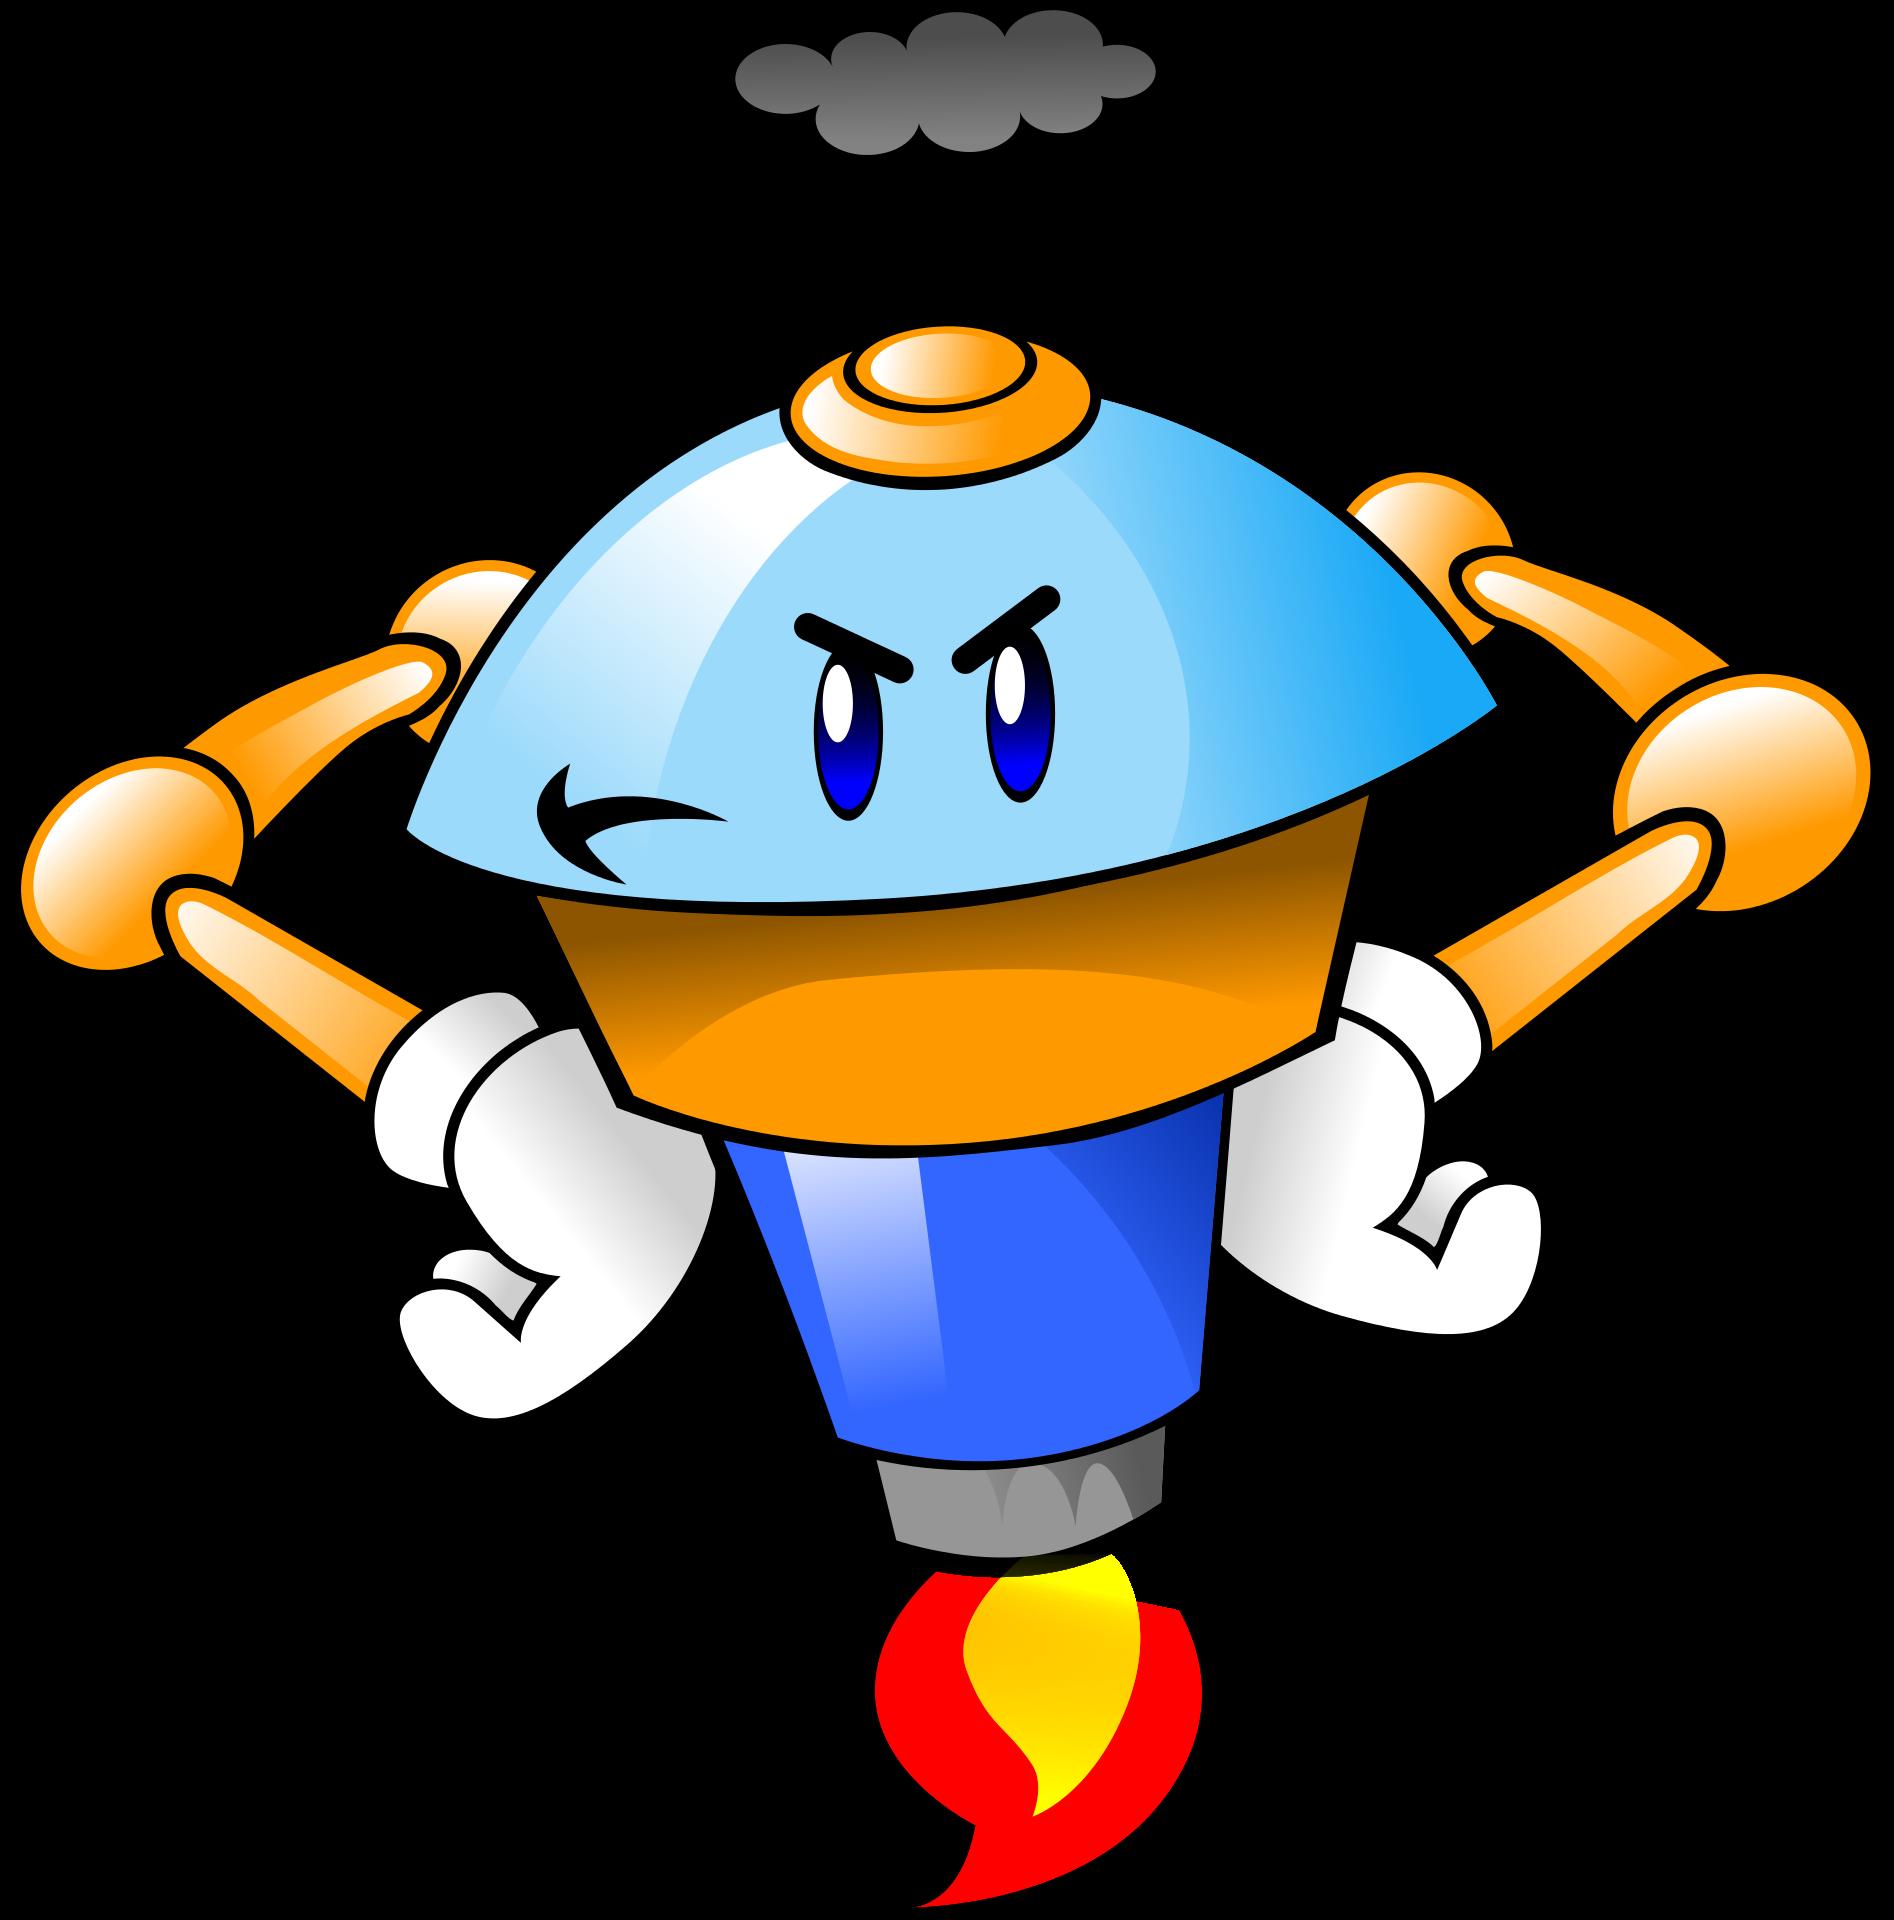 nemokamas iq pasirinkimo prekybos robotas didelių baller prekės ženklo akcijų pasirinkimo sandoriai